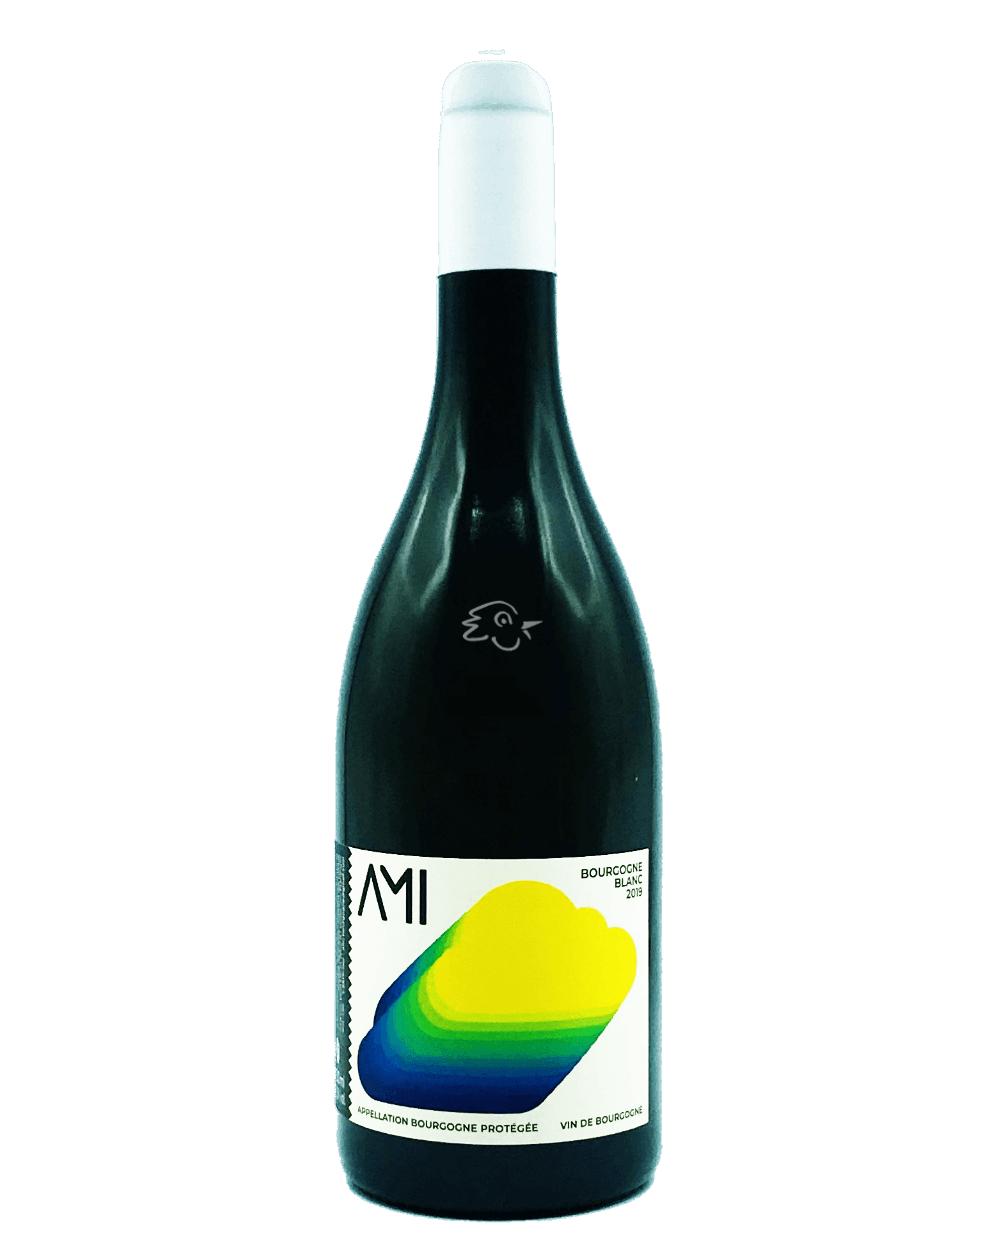 AMI - Bourgogne Blanc 2019 - Avintures